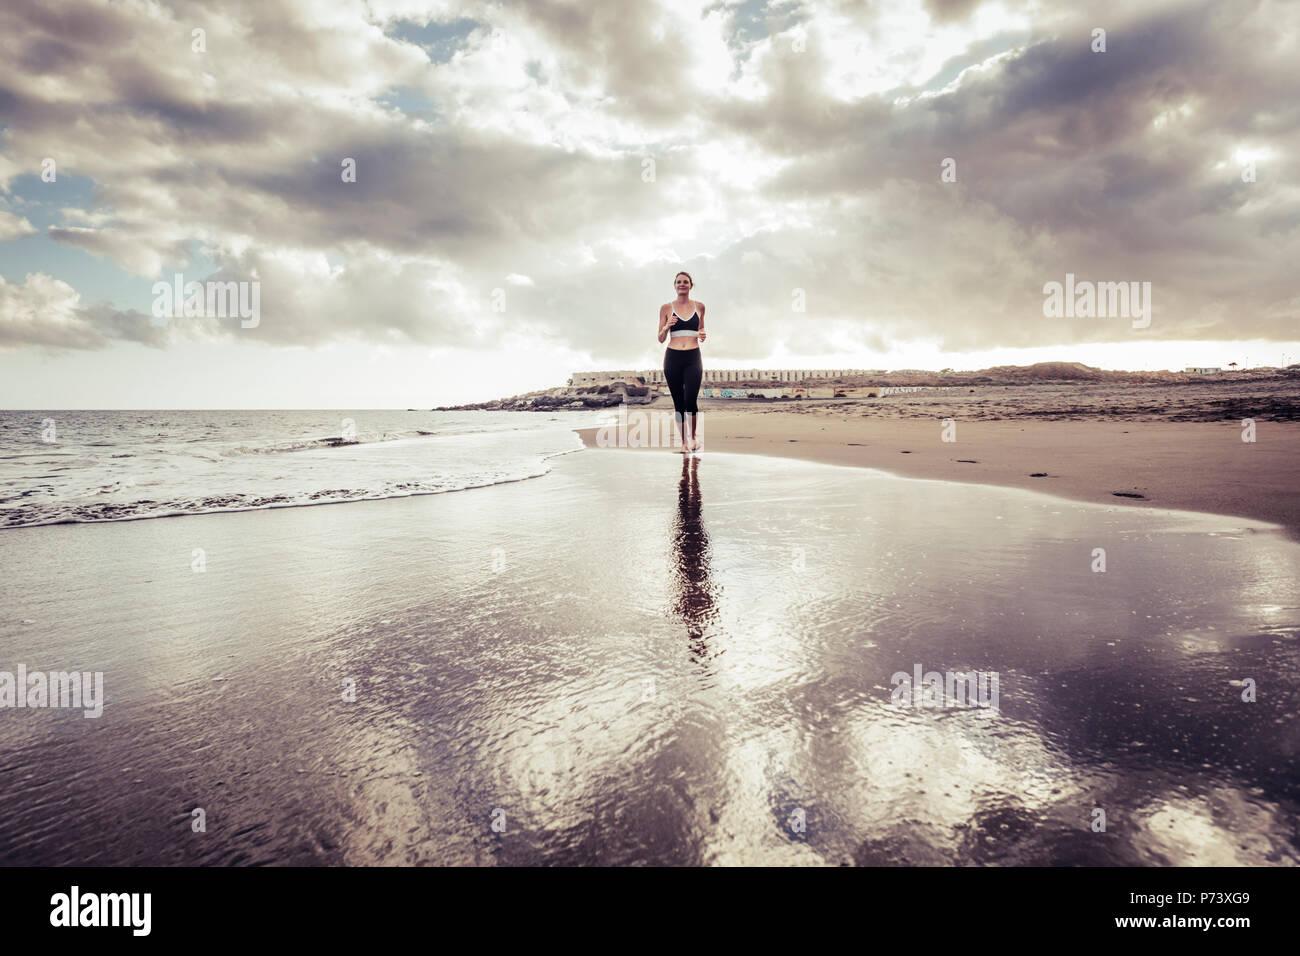 Coureur solitaire lady young caucasian girl à la plage dans l'exécution de style pieds nus sur le rivage. vagues et l'océan. Concept activité sport un incroyable coucher du soleil Banque D'Images